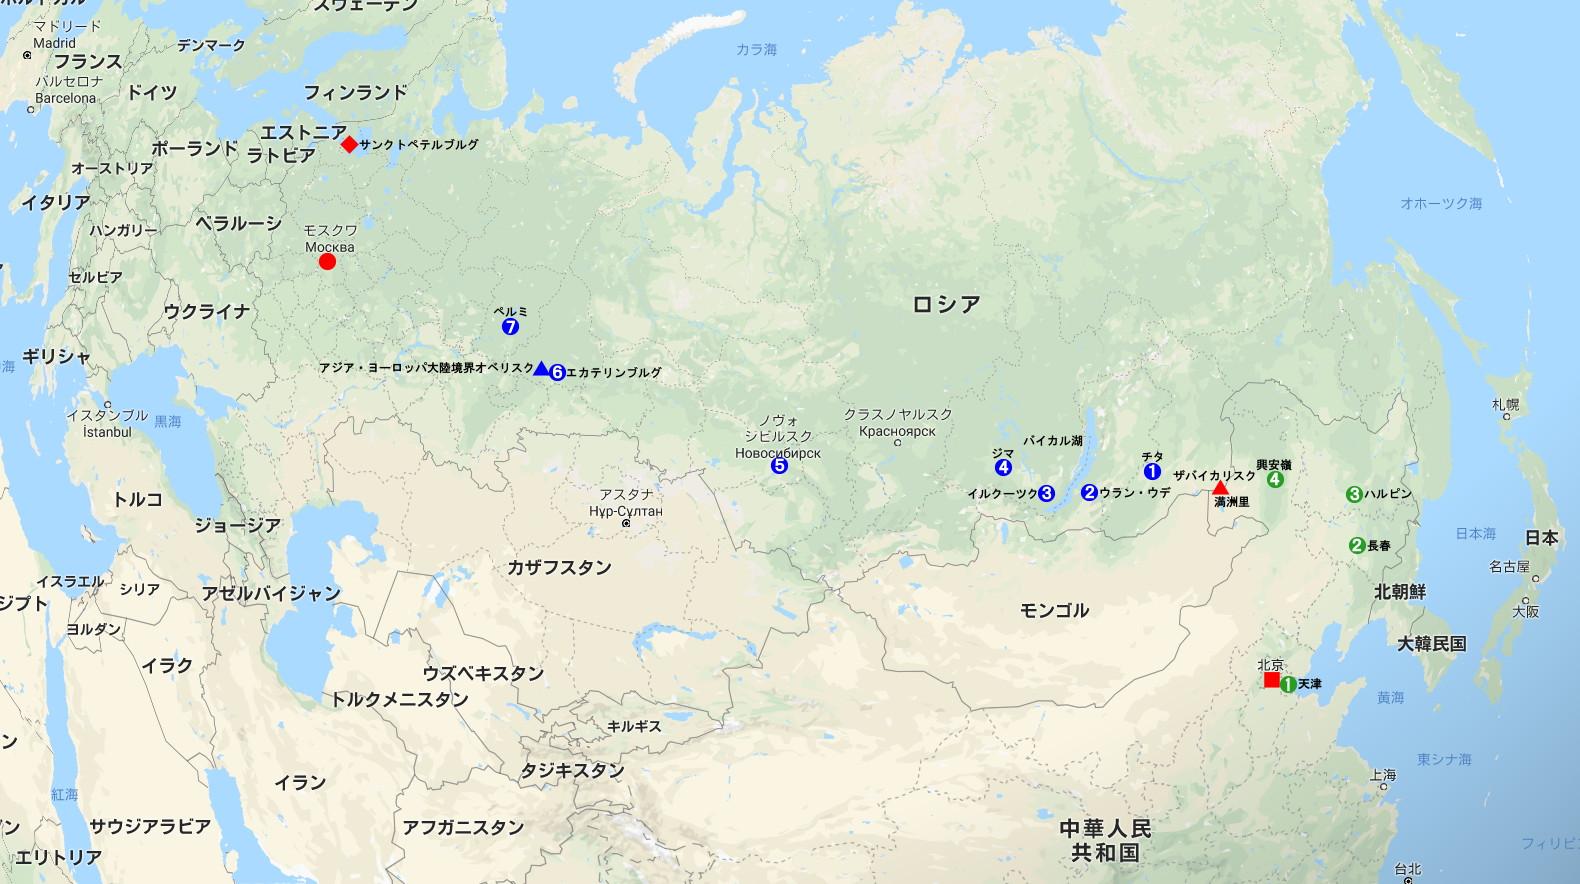 ユーラシア大陸鉄道横断旅行 Go West!1996その33・シベリア特急「ボストーク」号・満洲里からザバイカリスクへ中露国境越え-3303